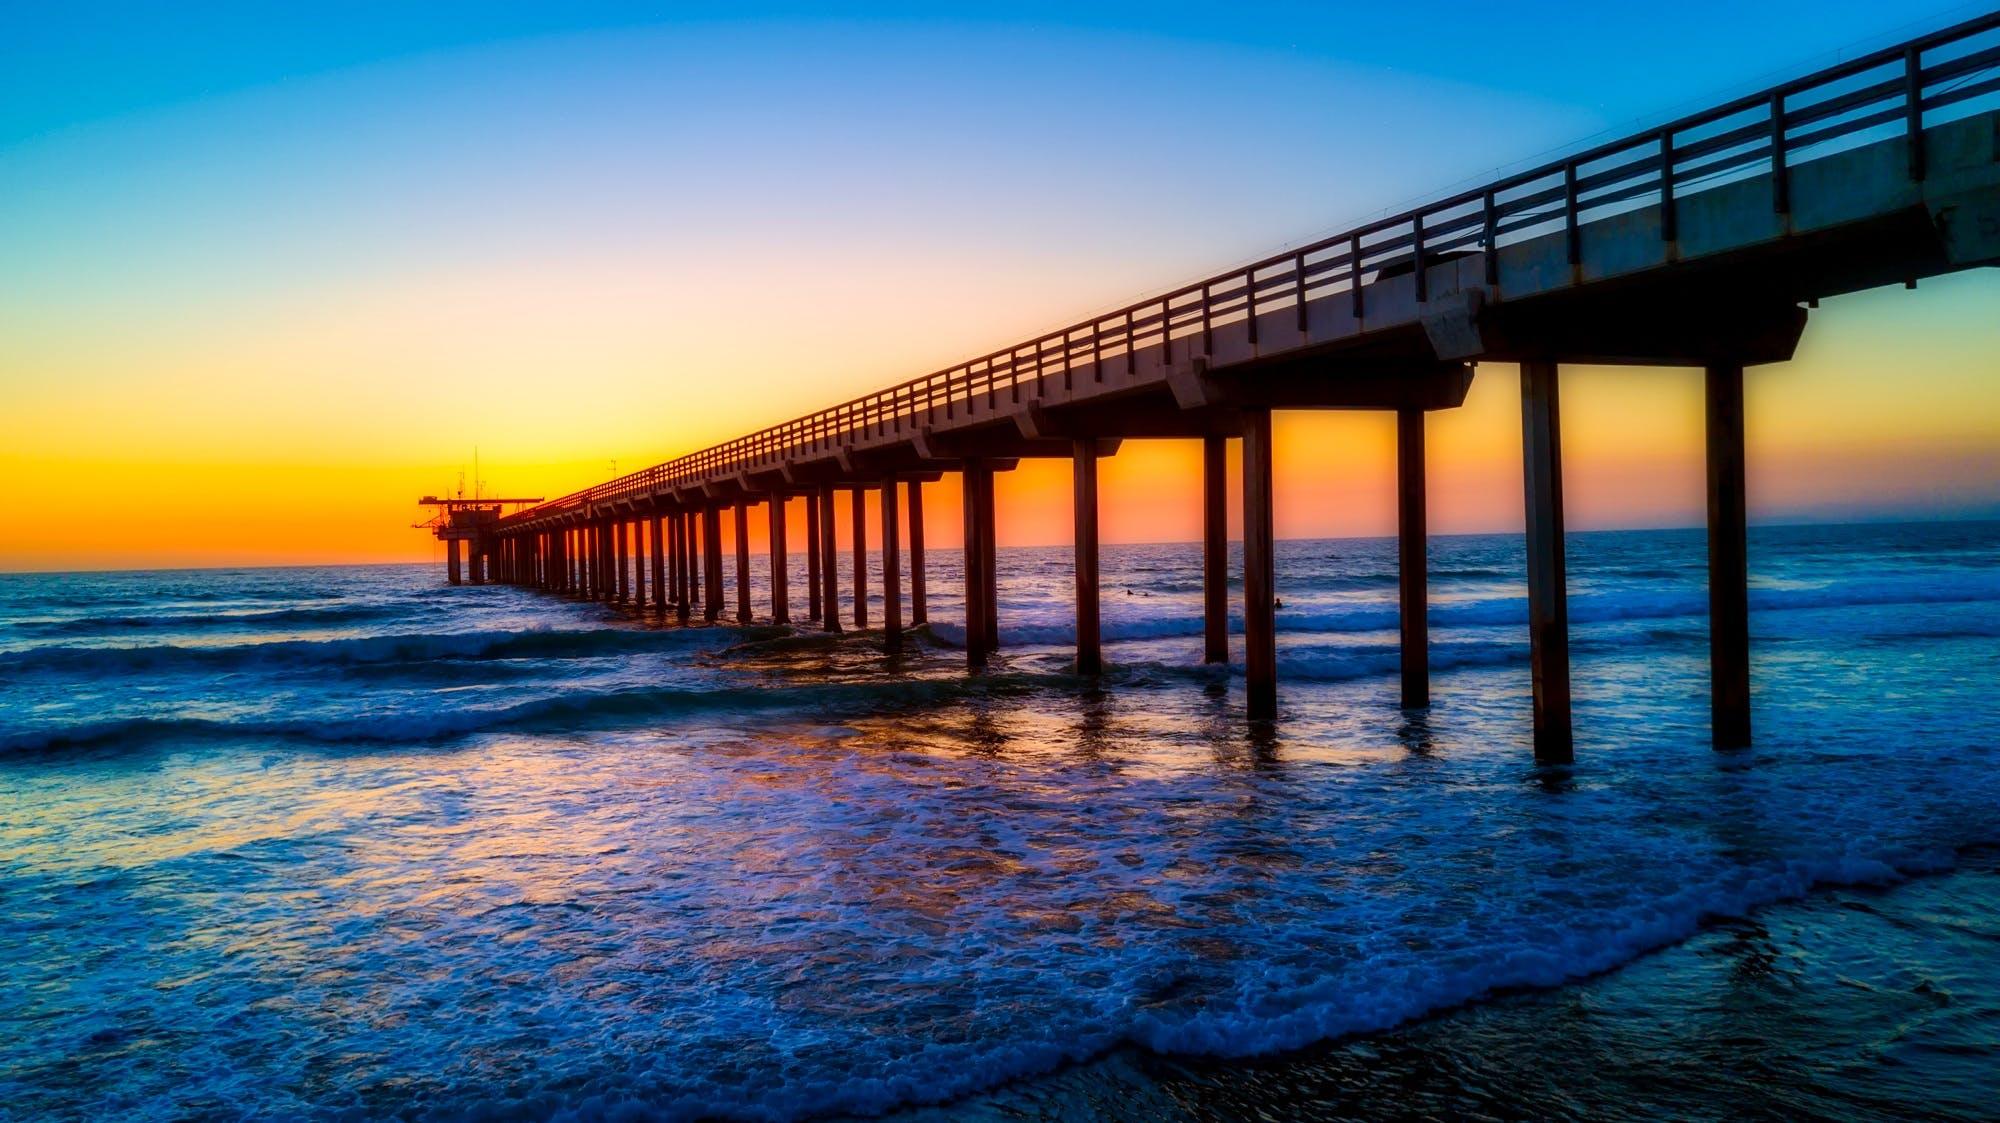 Δωρεάν στοκ φωτογραφιών με ακτή, Ανατολή ηλίου, αποβάθρα, αυγή